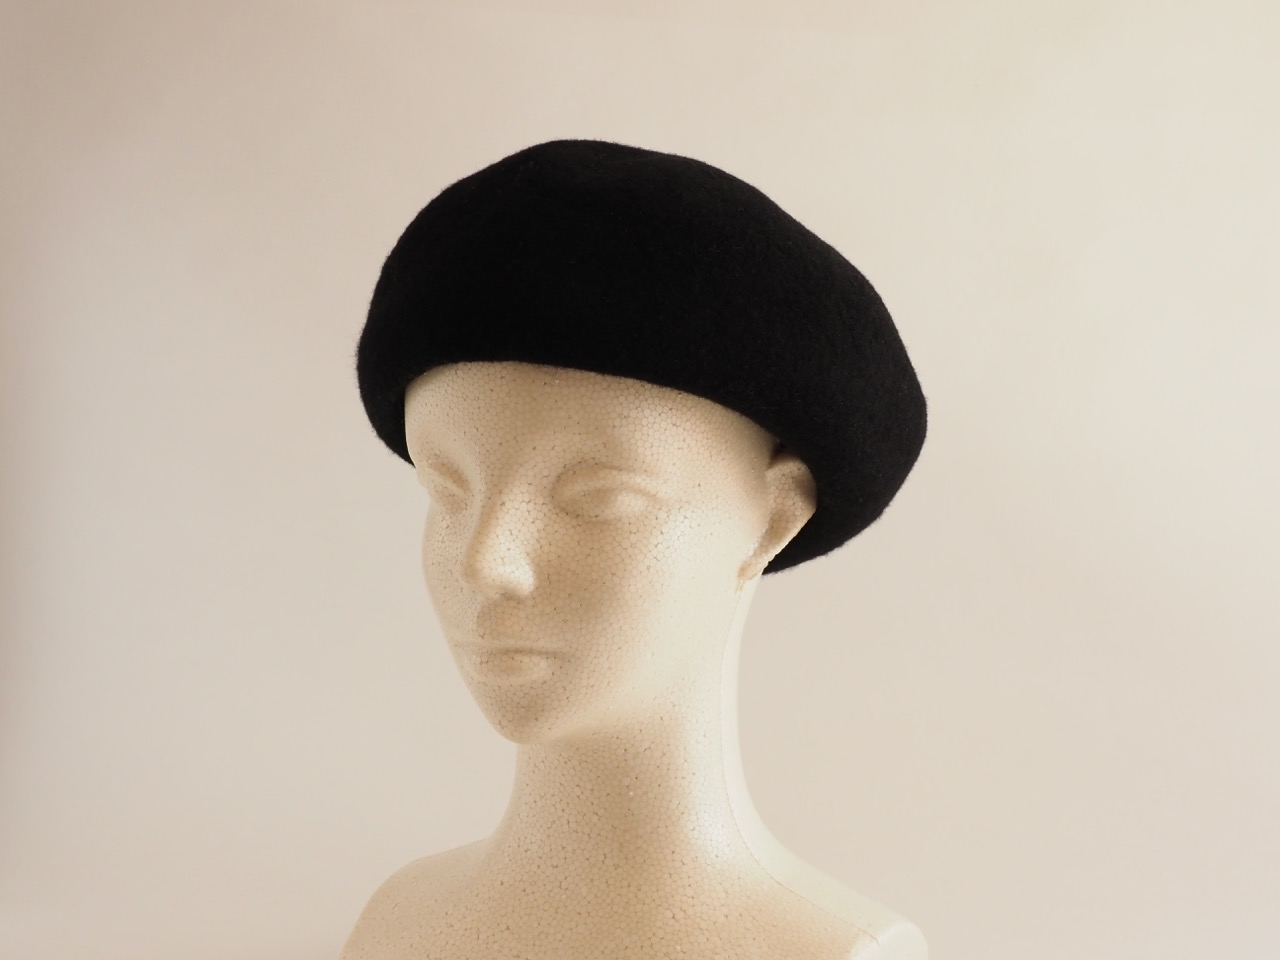 シニアに向いているベレー帽